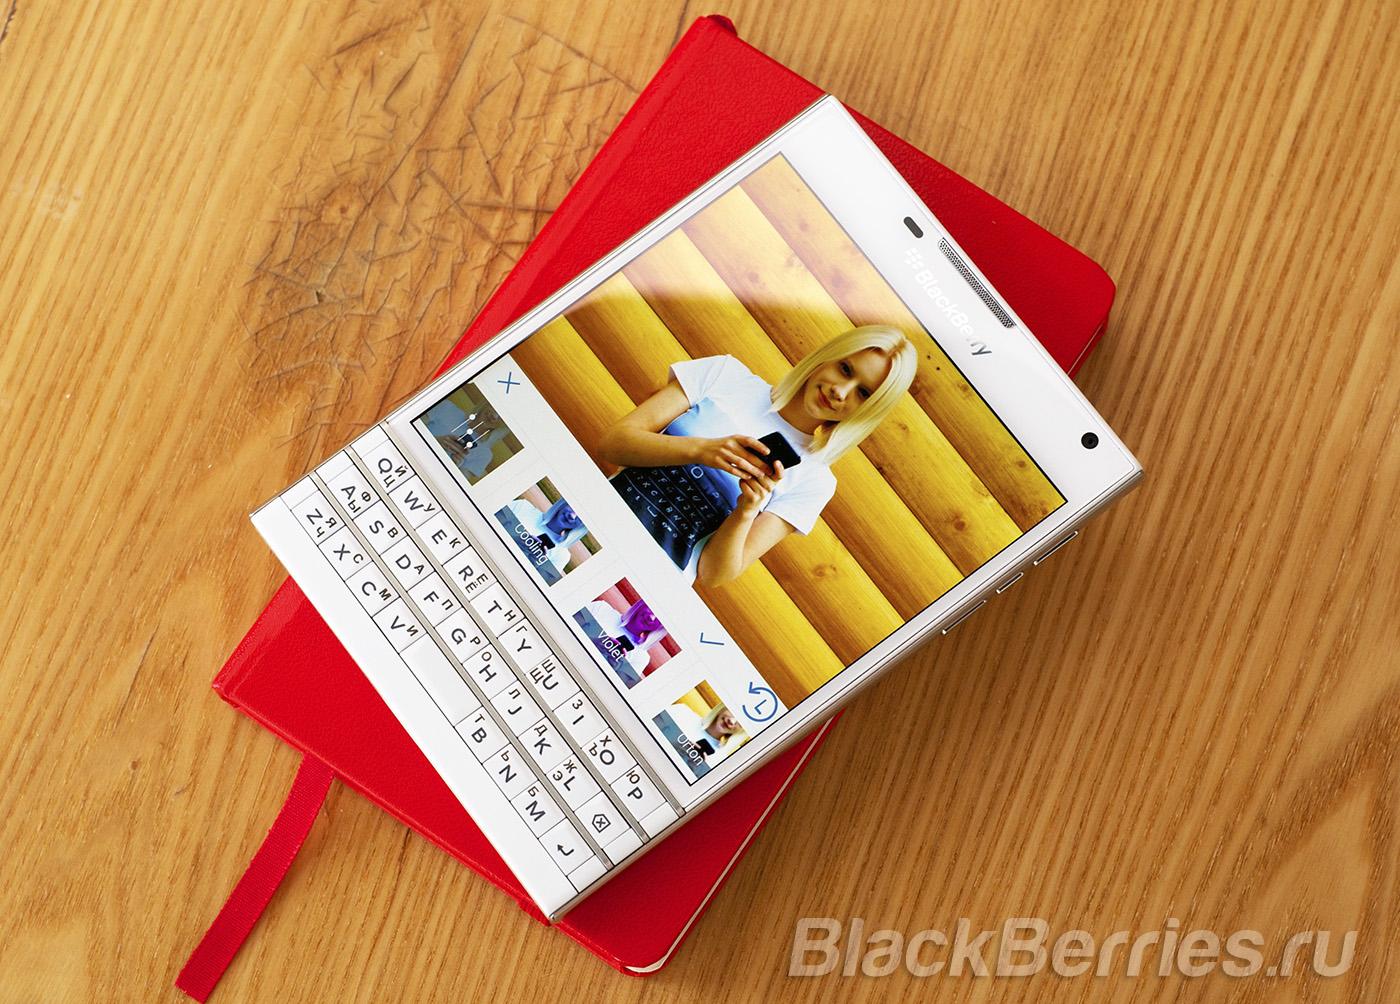 BlackBerry-Passport-Apps-11-07-06